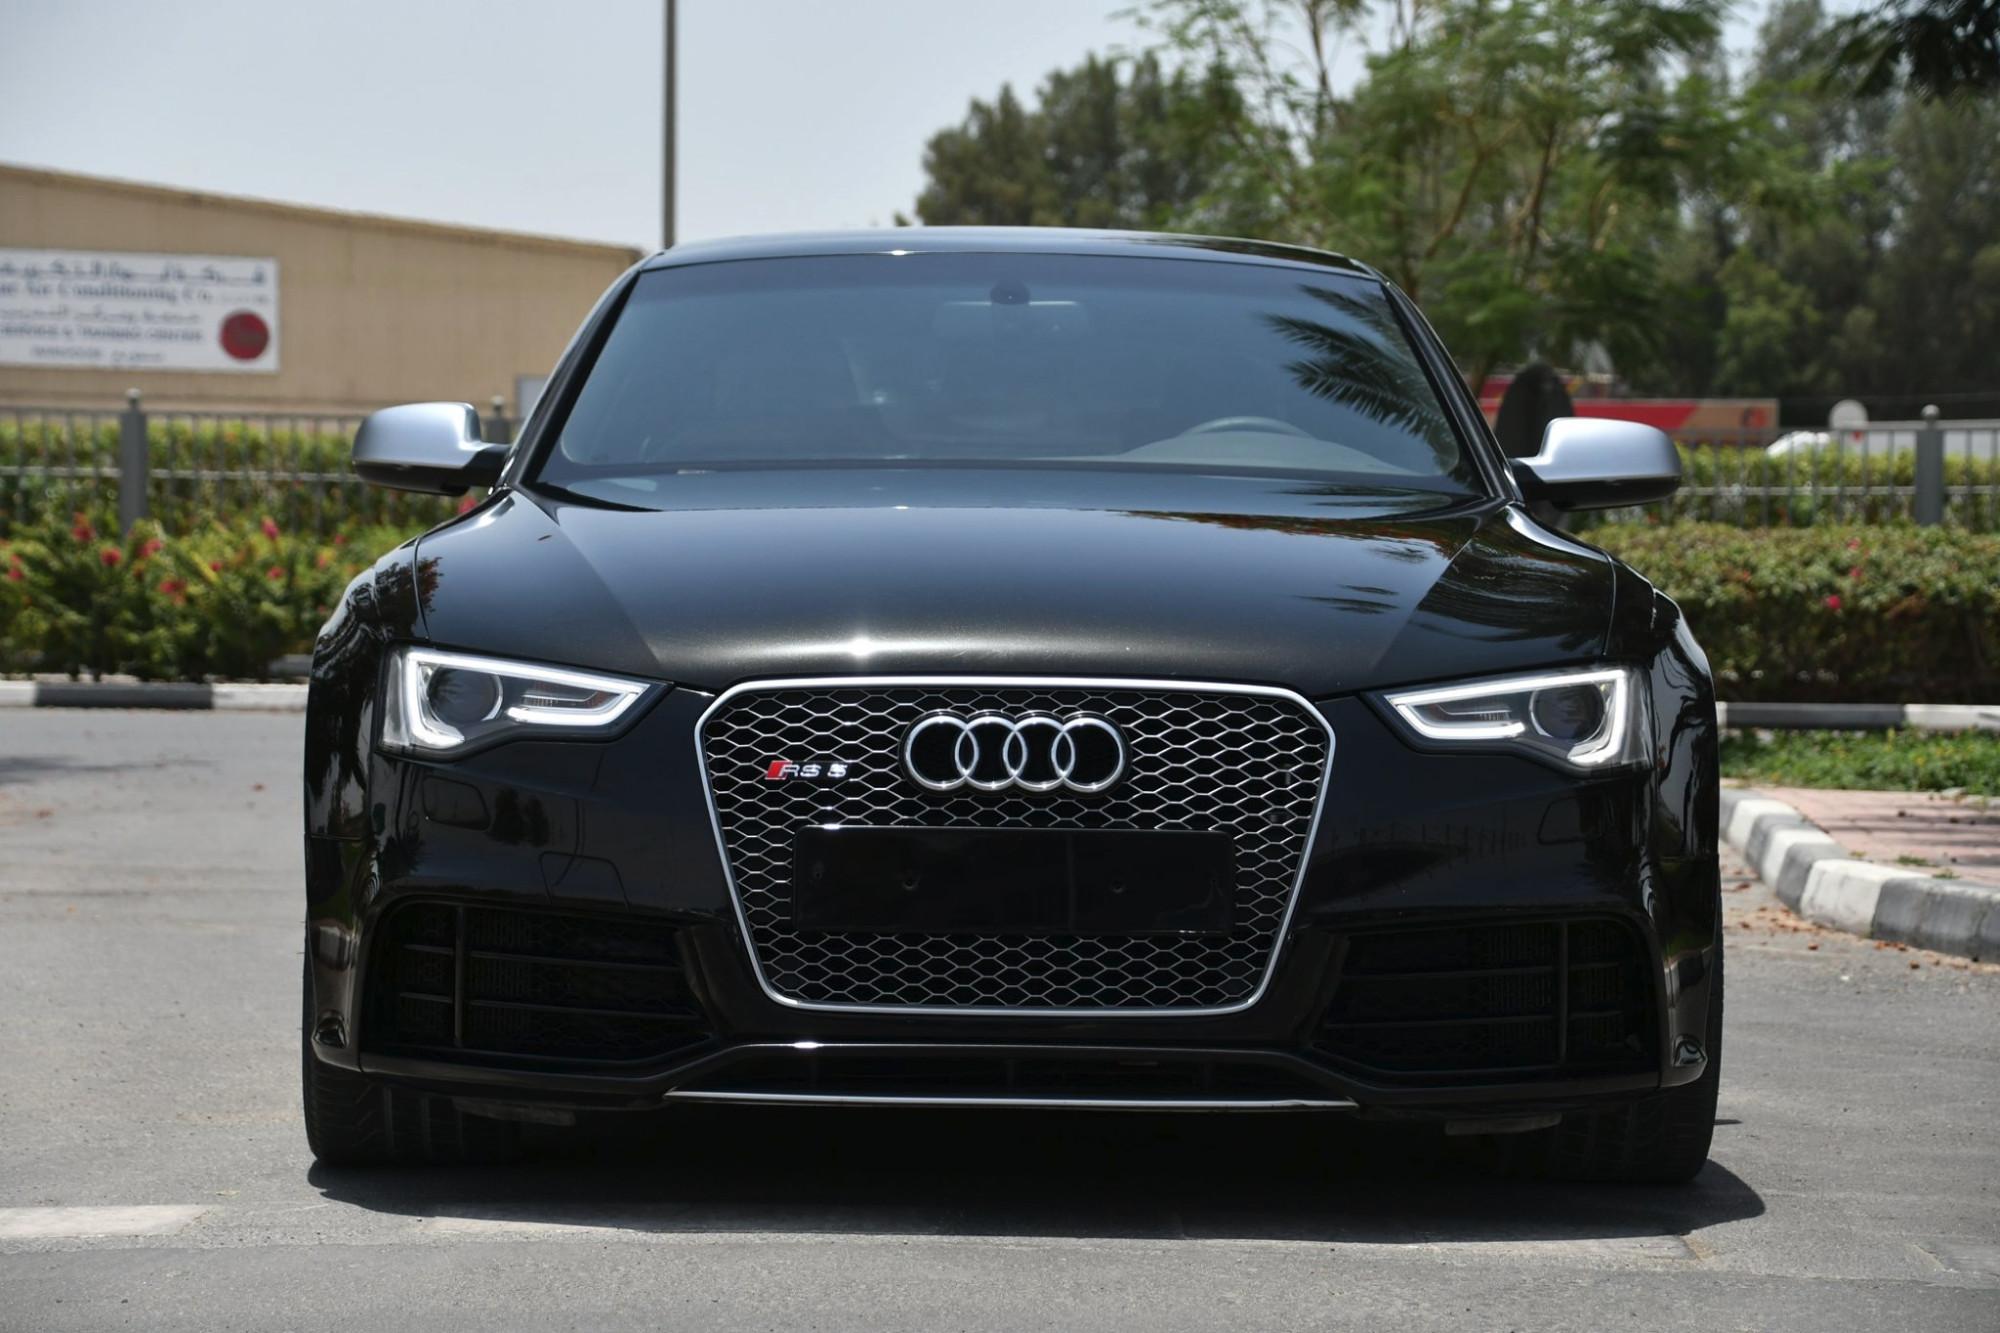 Kelebihan Kekurangan Audi Rs5 2013 Harga